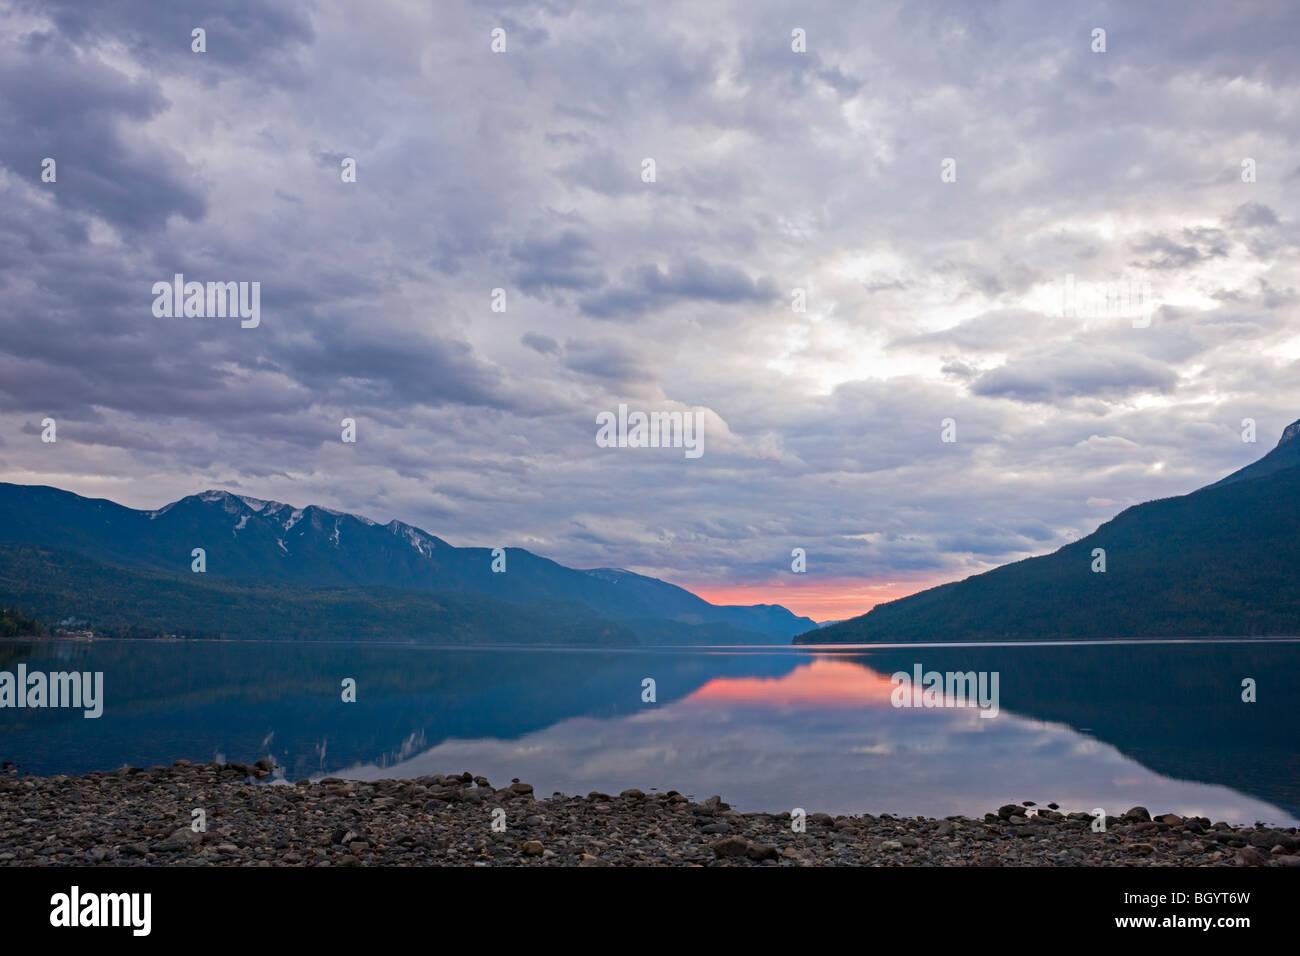 Slocan See bei Sonnenuntergang von der Stadt von New Denver, Slocan Valley Central Kootenay, British Columbia, Kanada. Stockbild